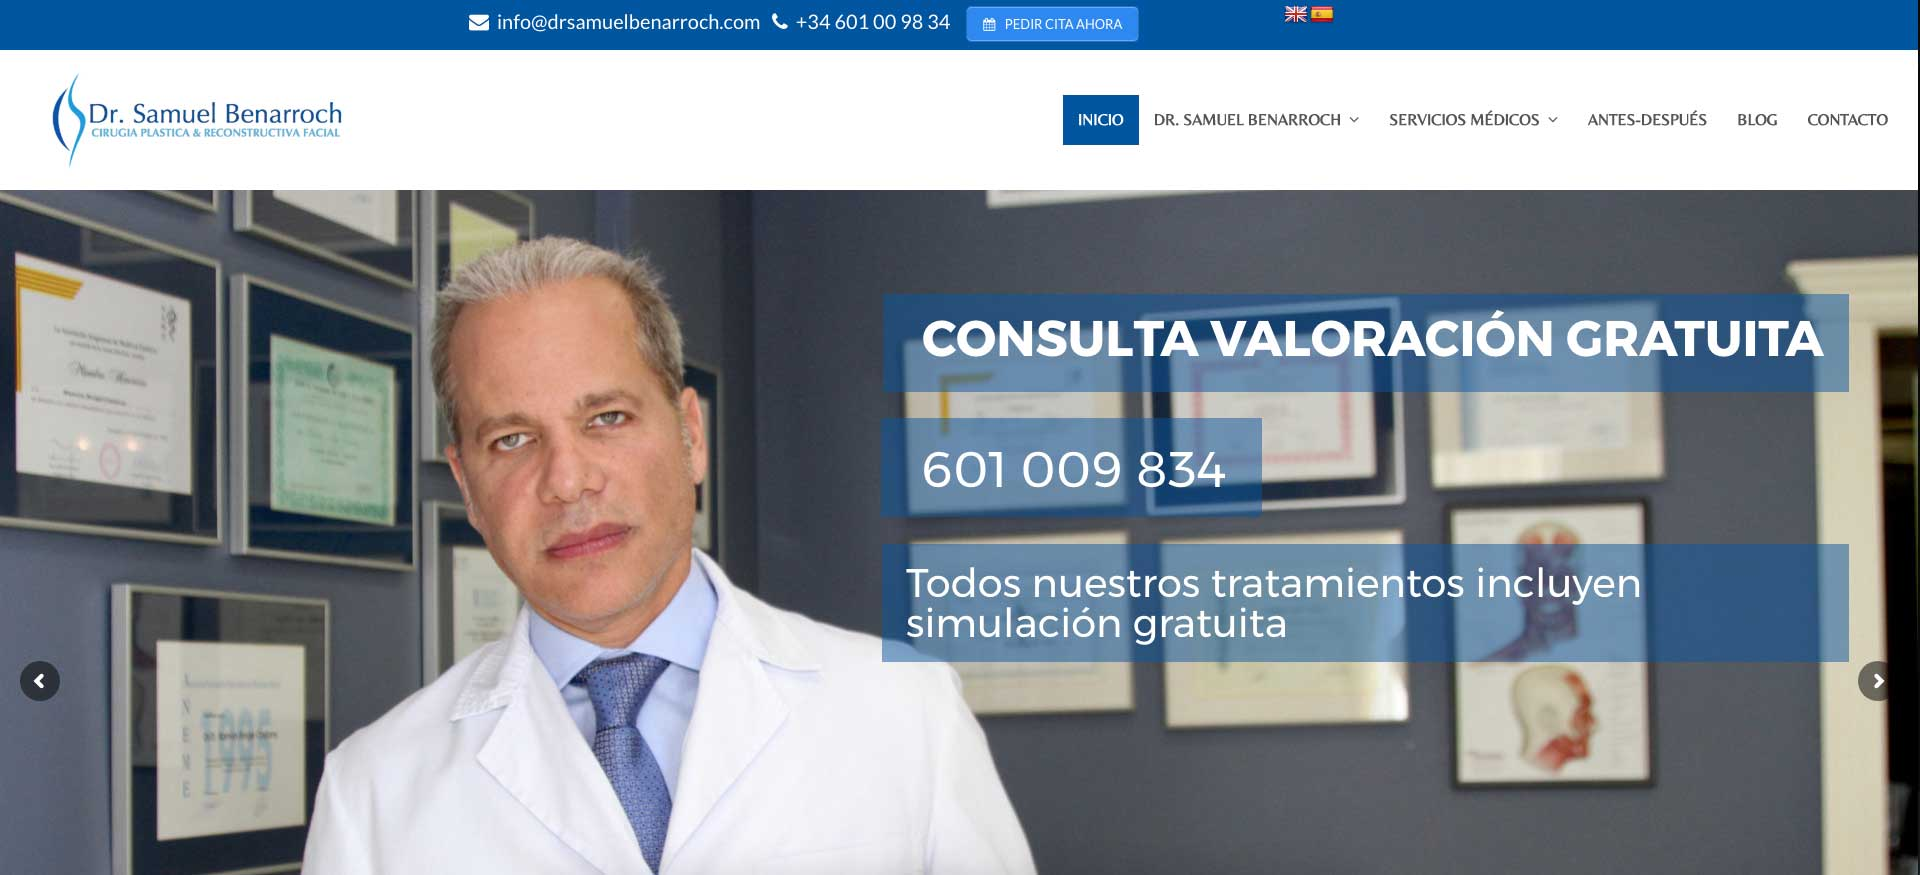 Dr. Samuel Benarroch